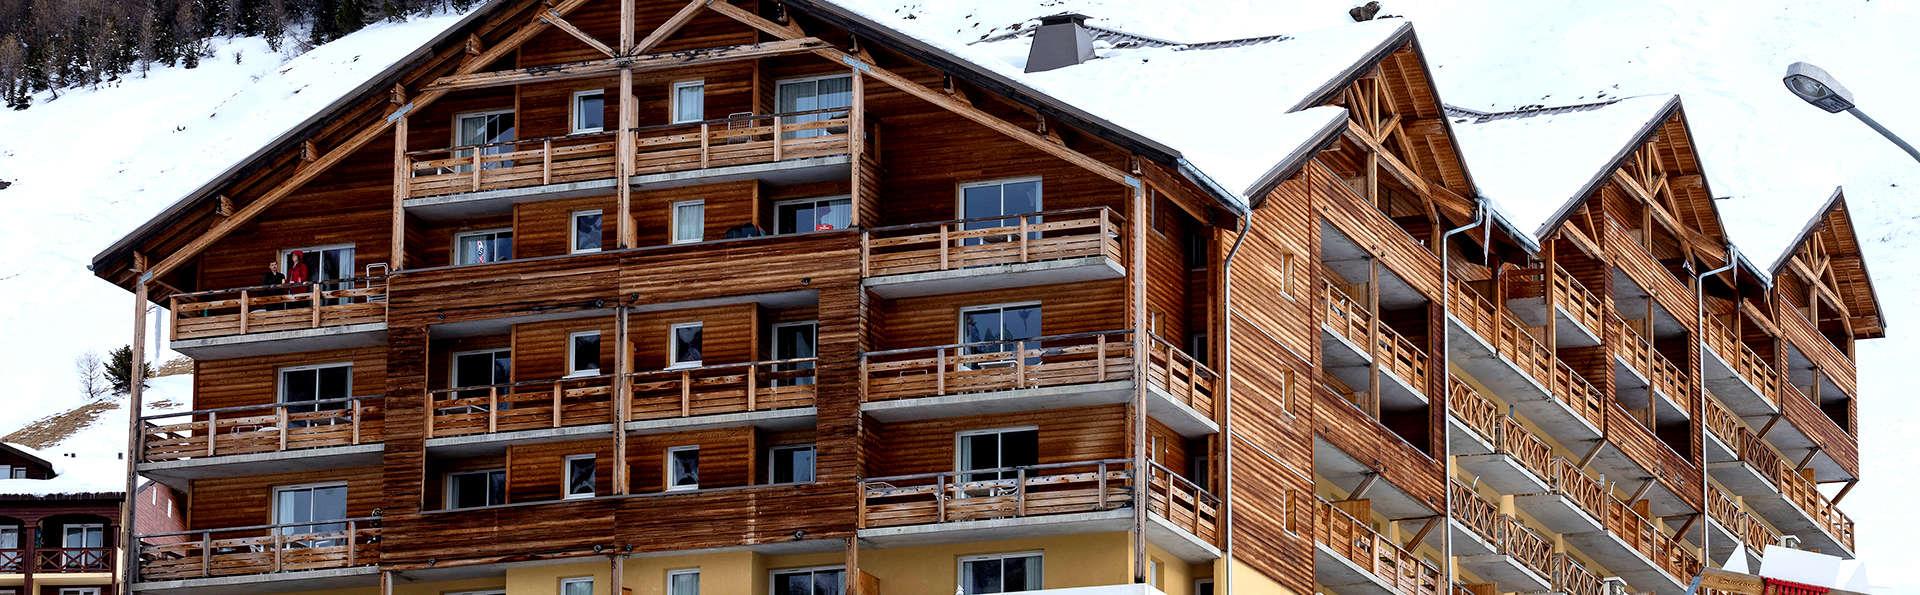 Résidence Les Cimes du Val D'Allos - Edit_Front2.jpg